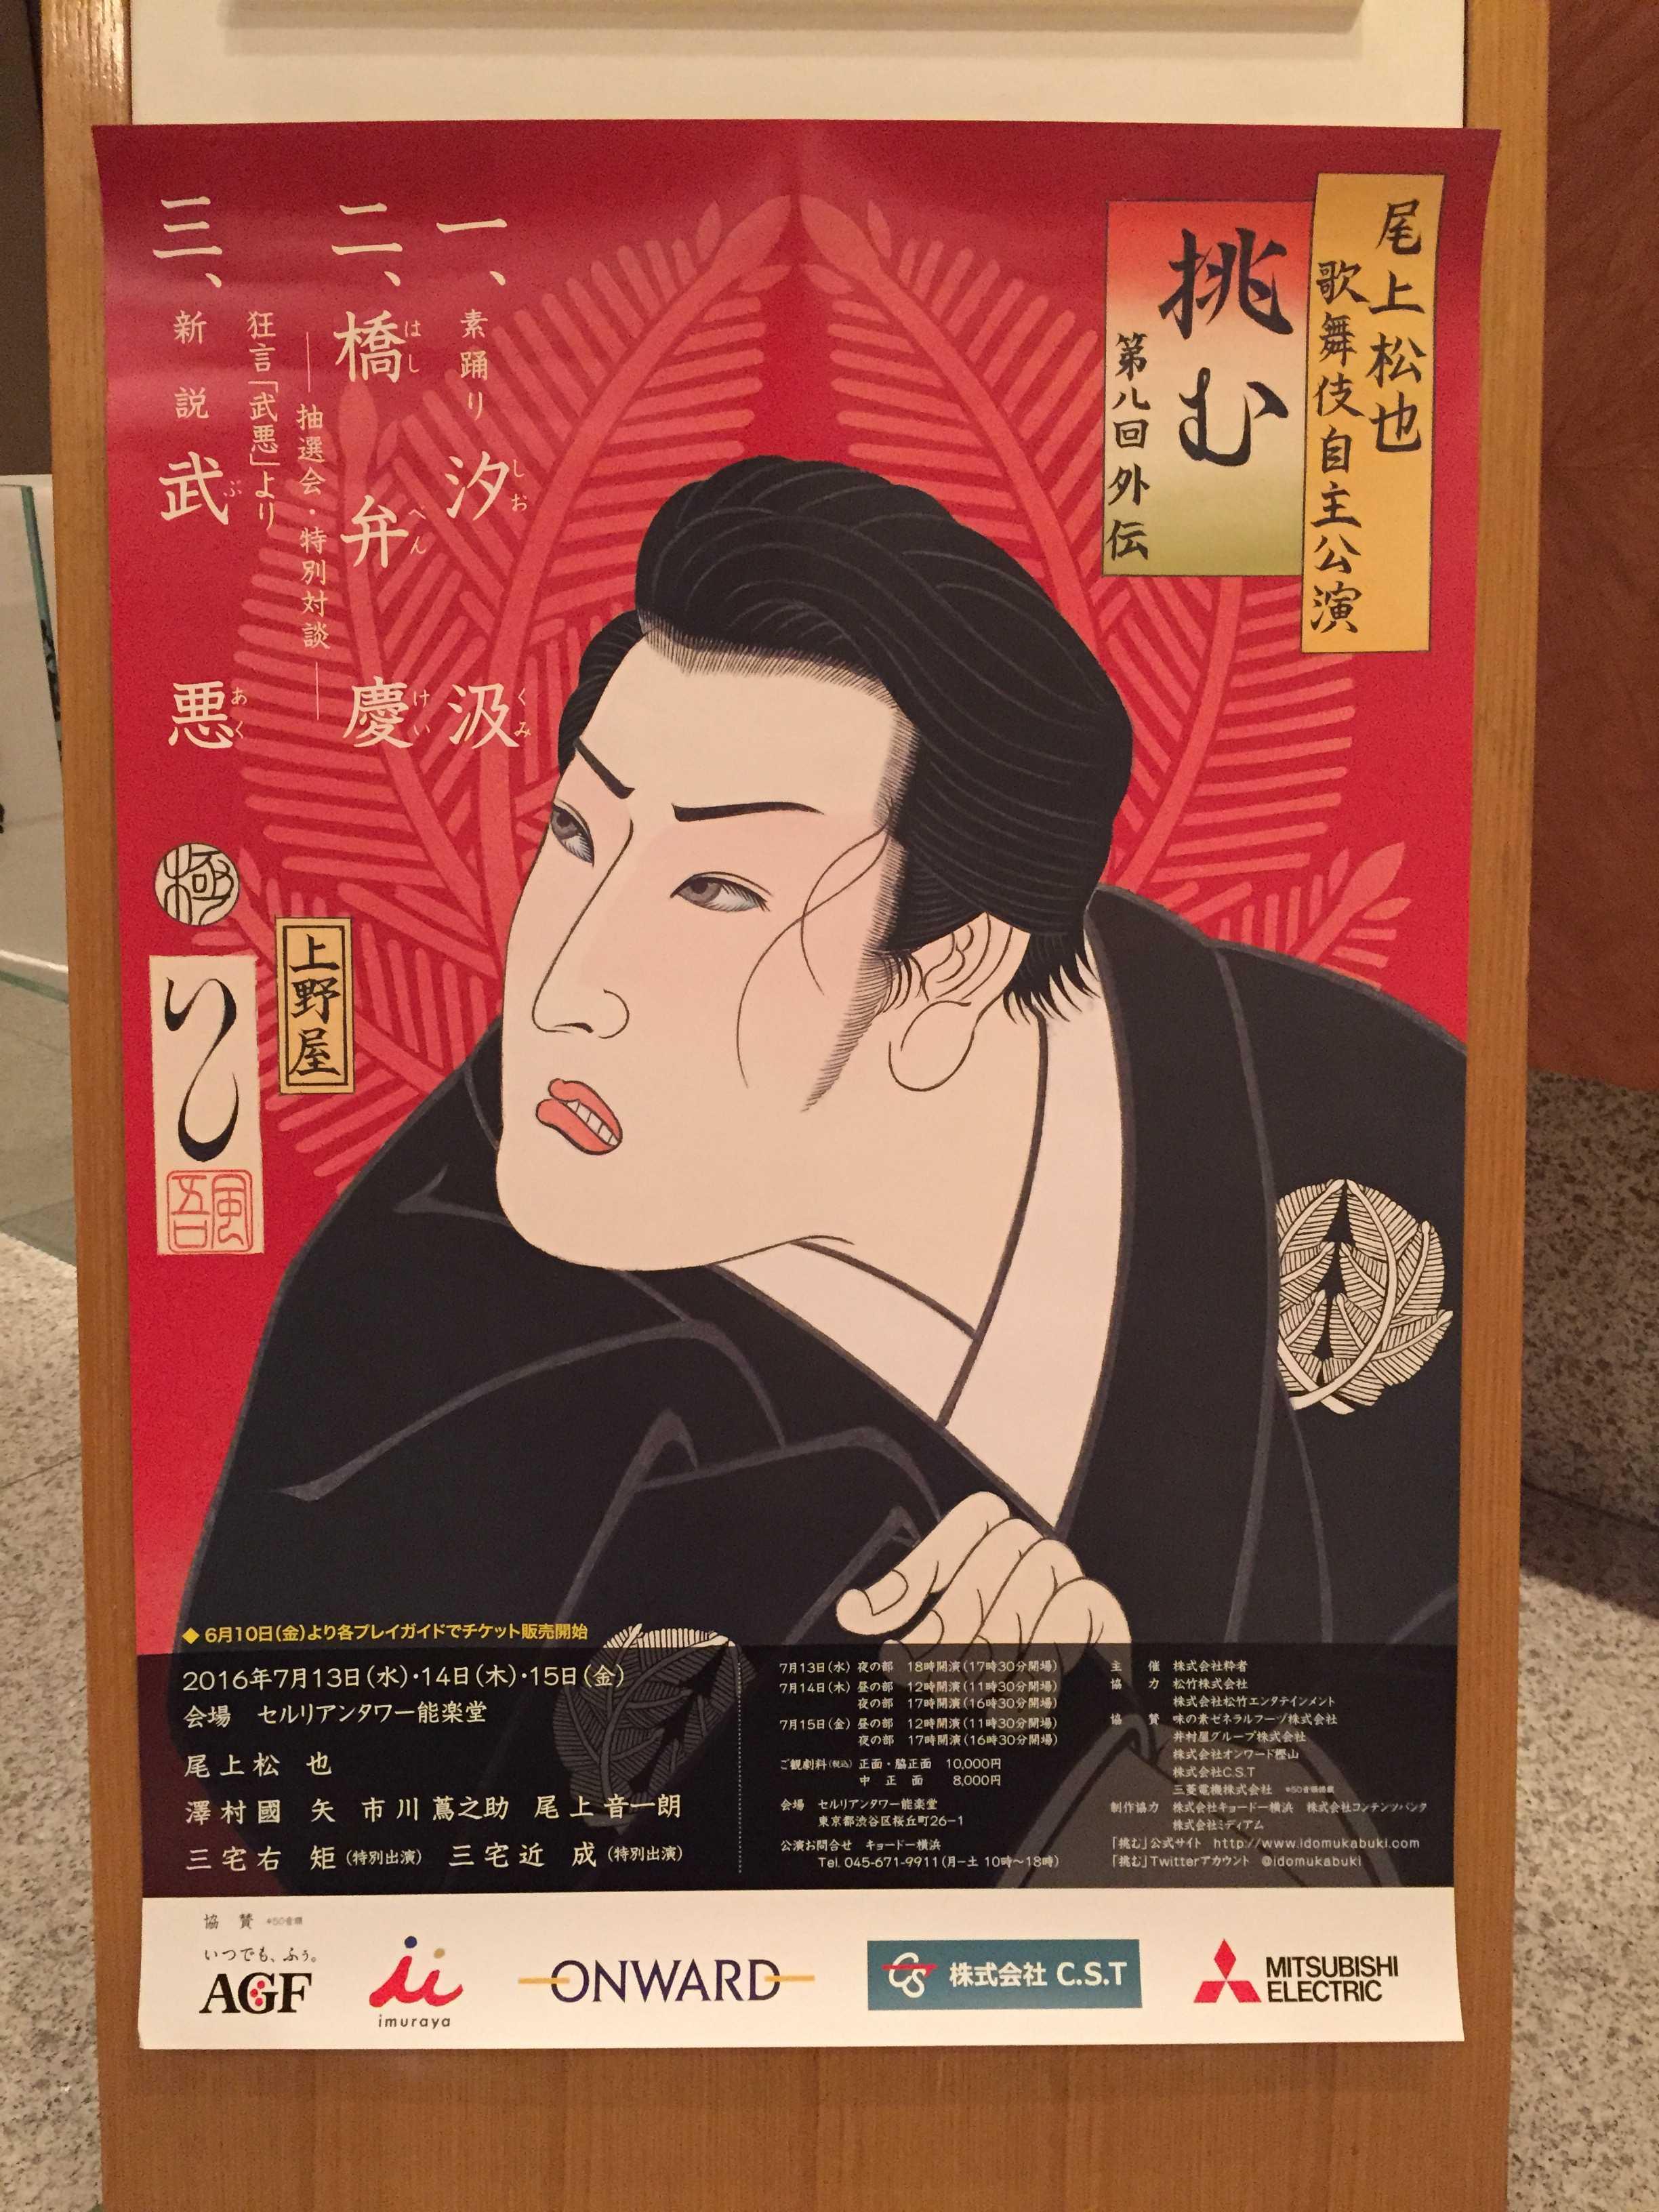 浮世絵師・石川真澄さんが描いた尾上松也の役者絵